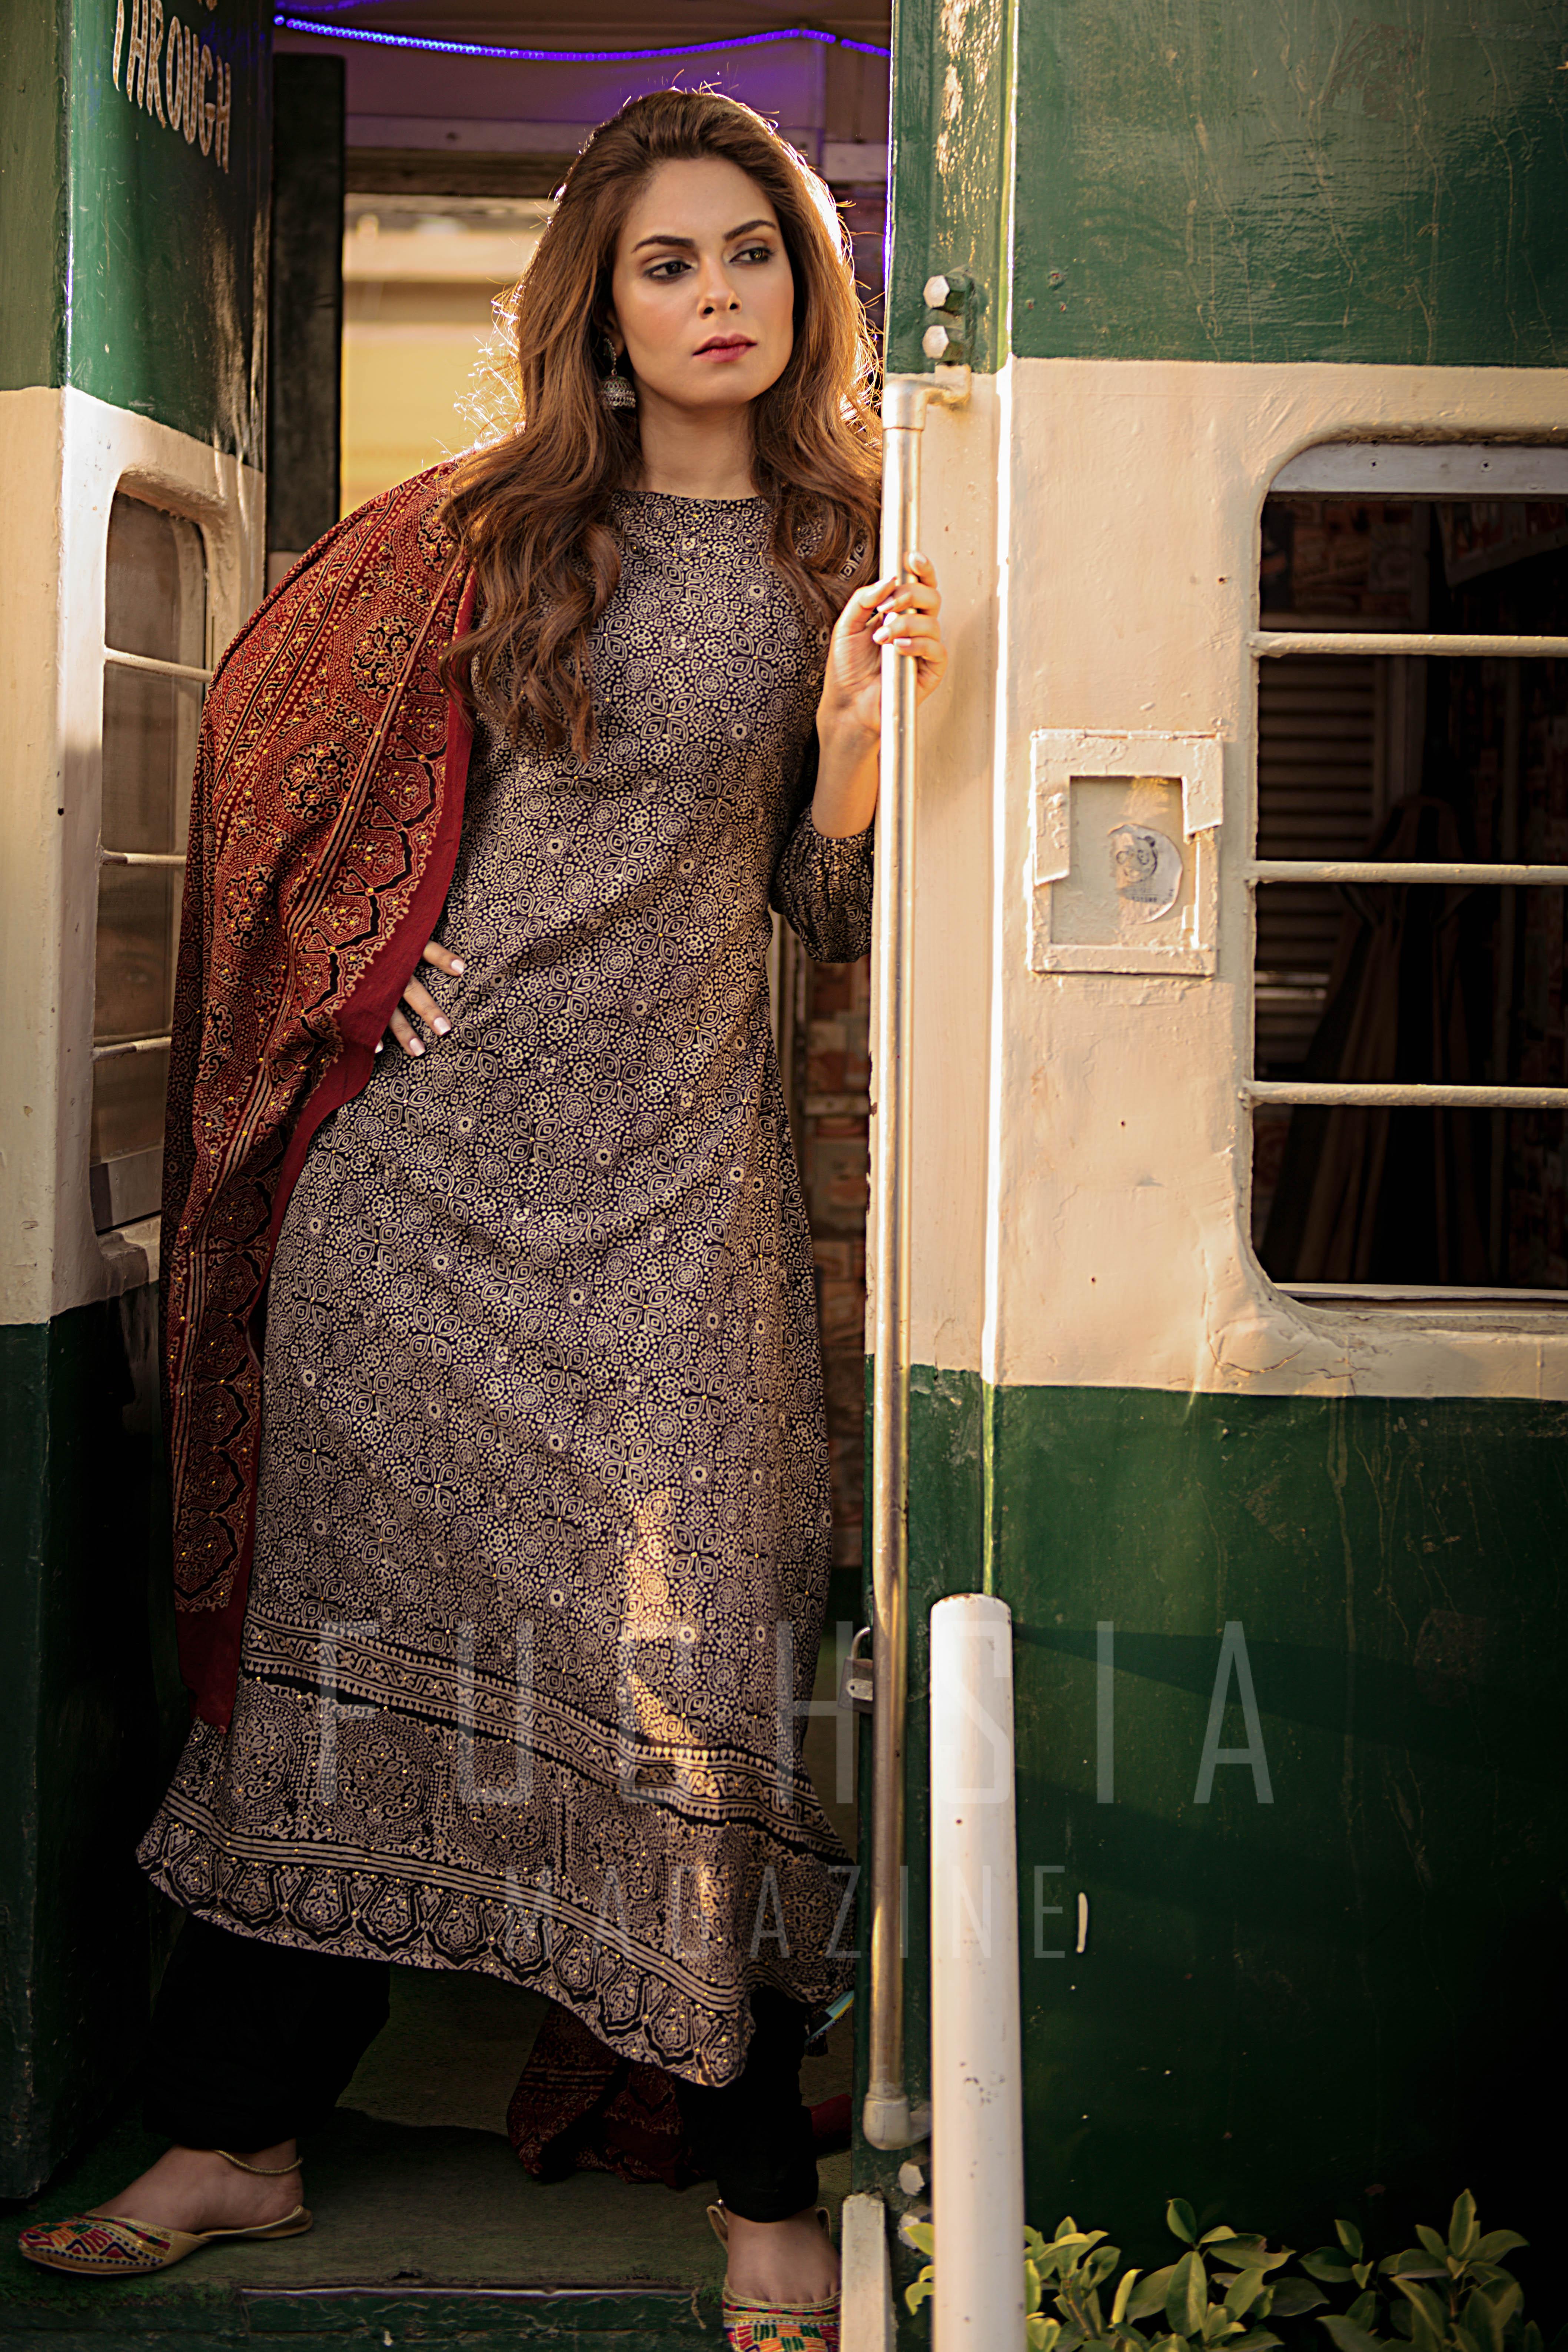 Ajrak, Pakistani Fashion, Ajrak shirt, Ajrak kurta